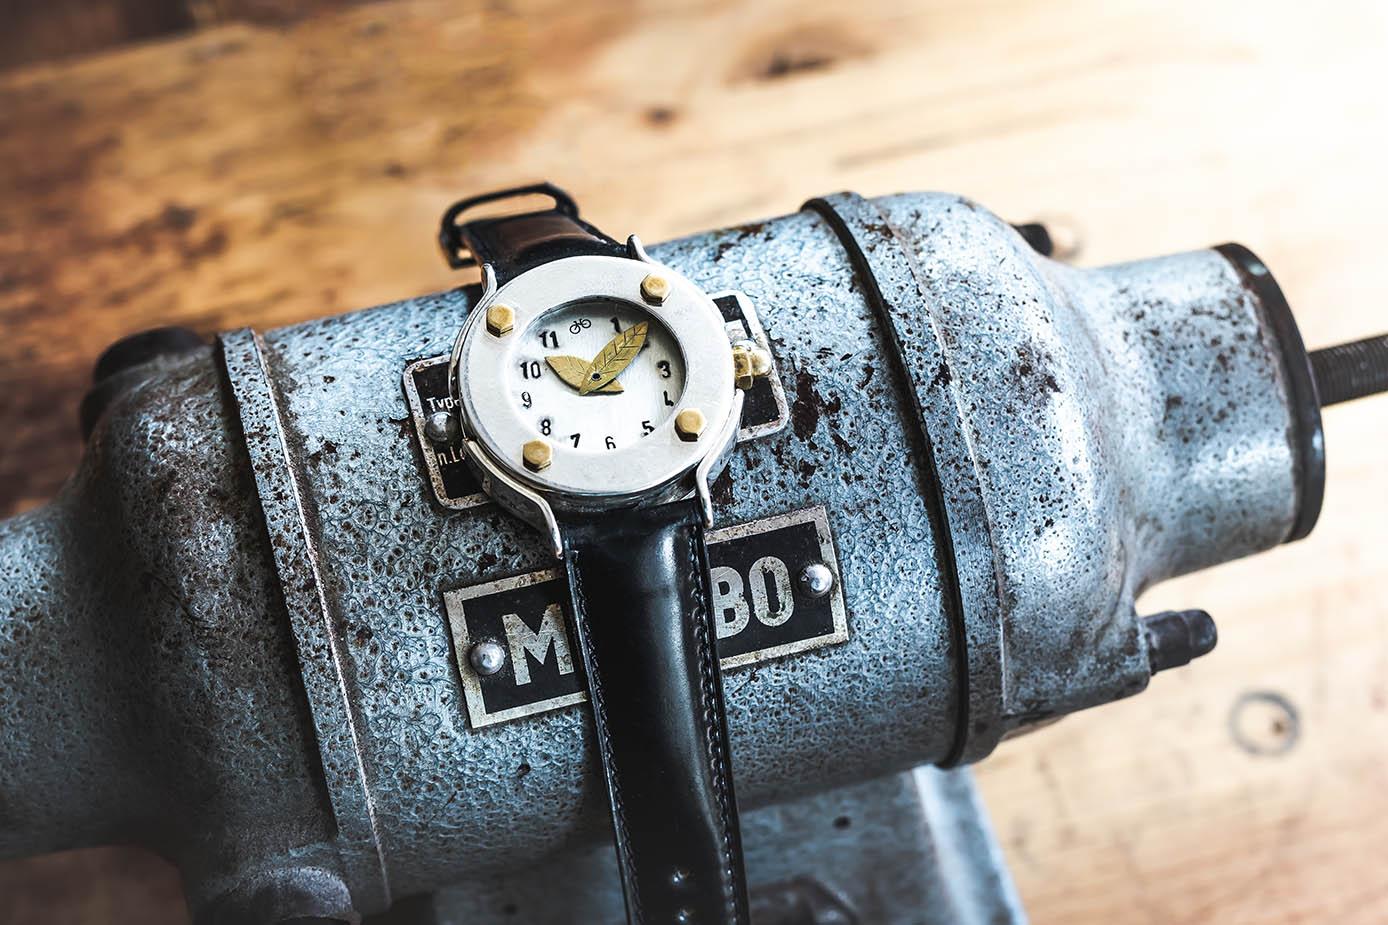 Uhr anfertigen lassen - Atelier Horloges - 2012